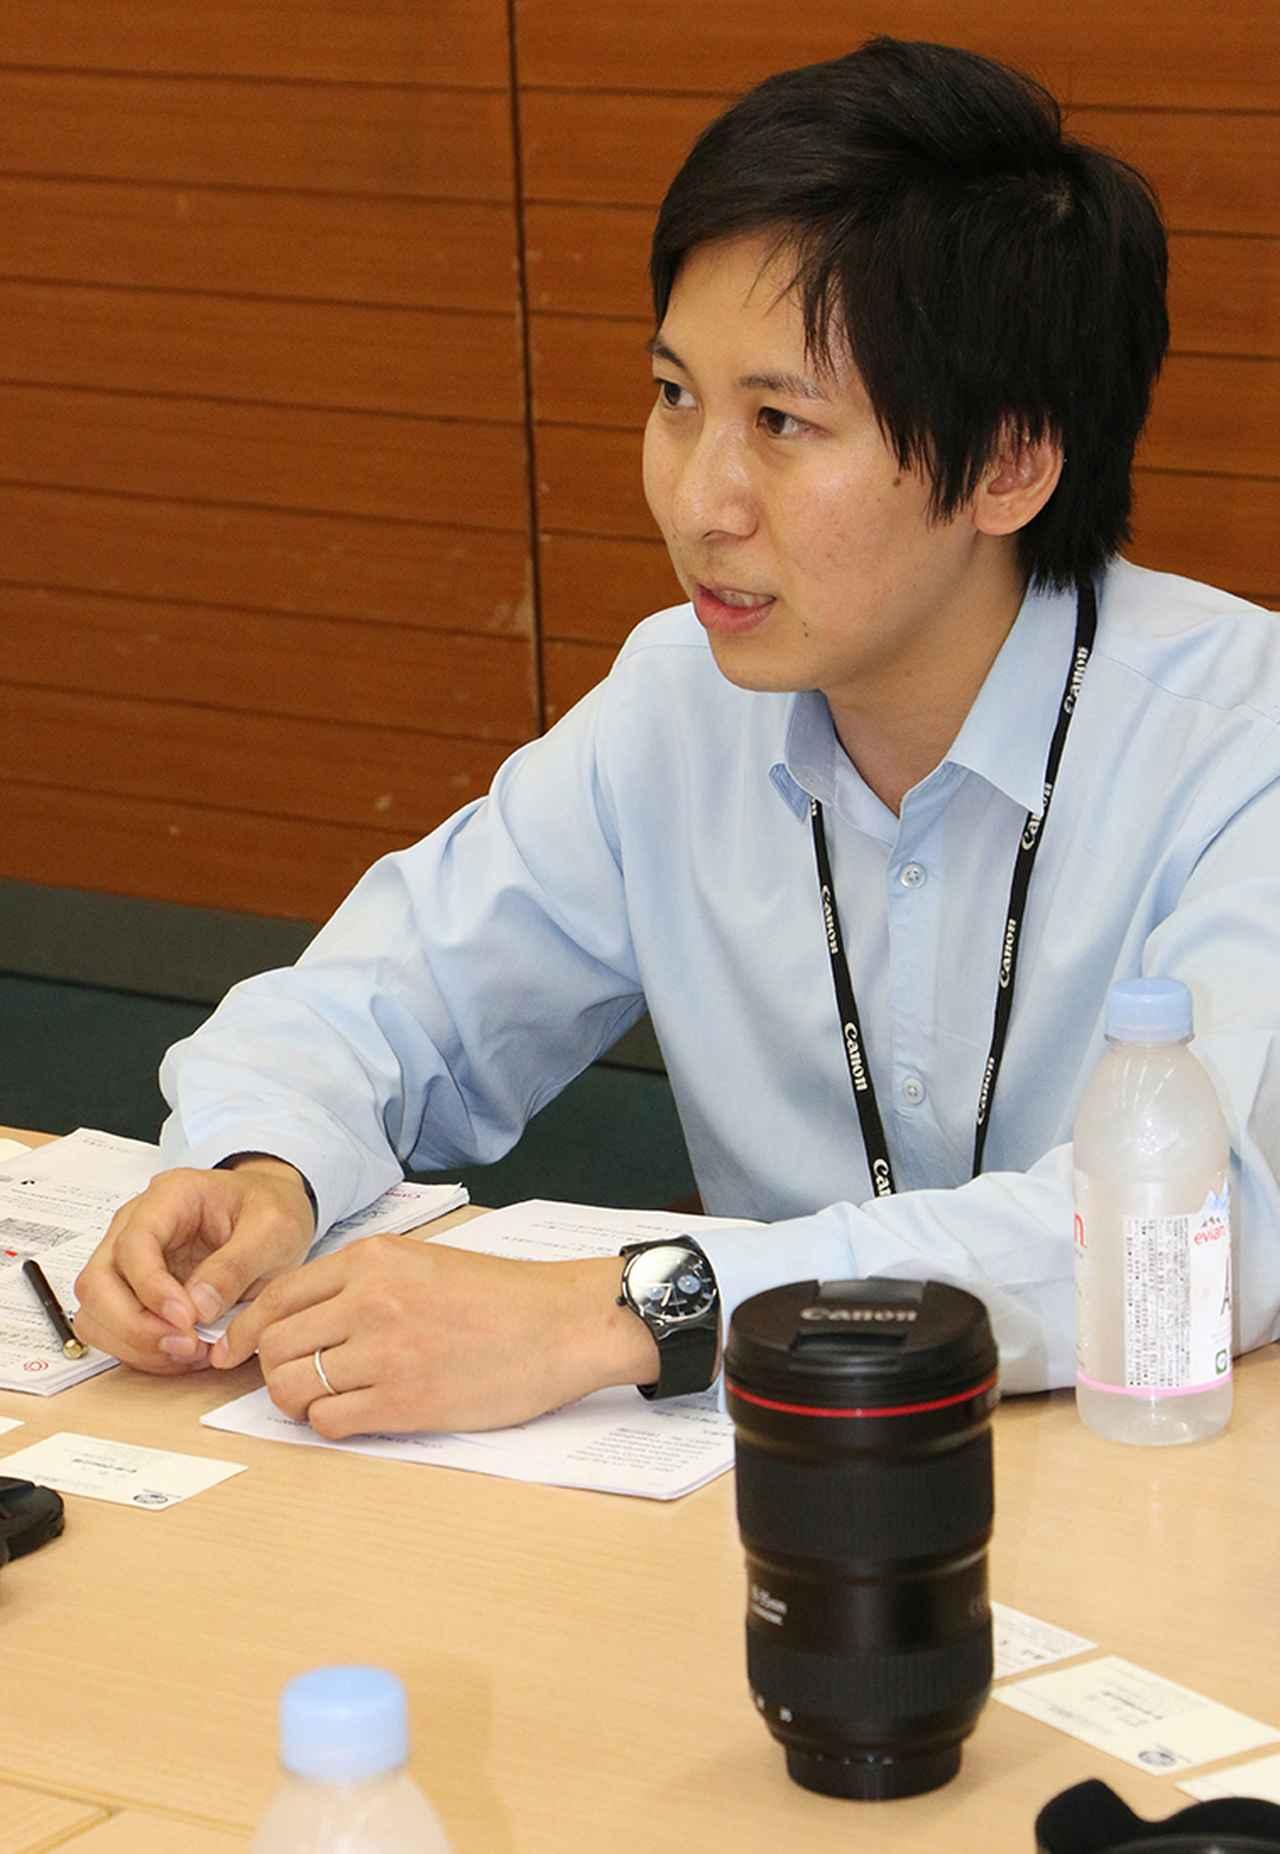 画像: 【EFレンズ商品企画担当】山口聖吾氏(ICP第一事業部)。